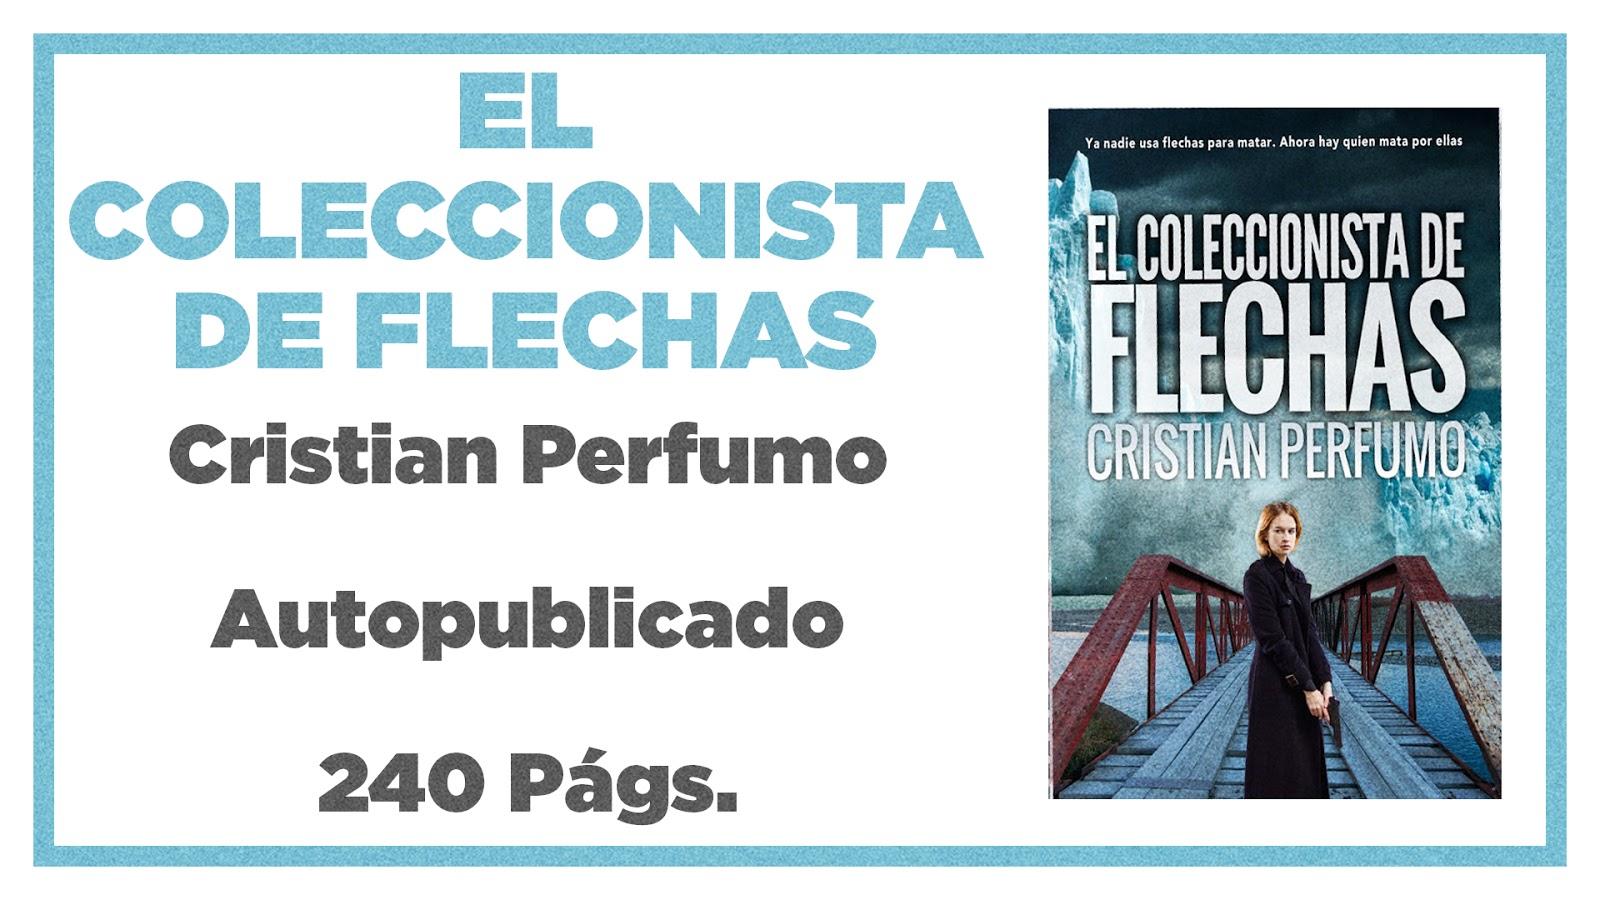 Reseña: El coleccionista de flechas - Cristian Perfumo